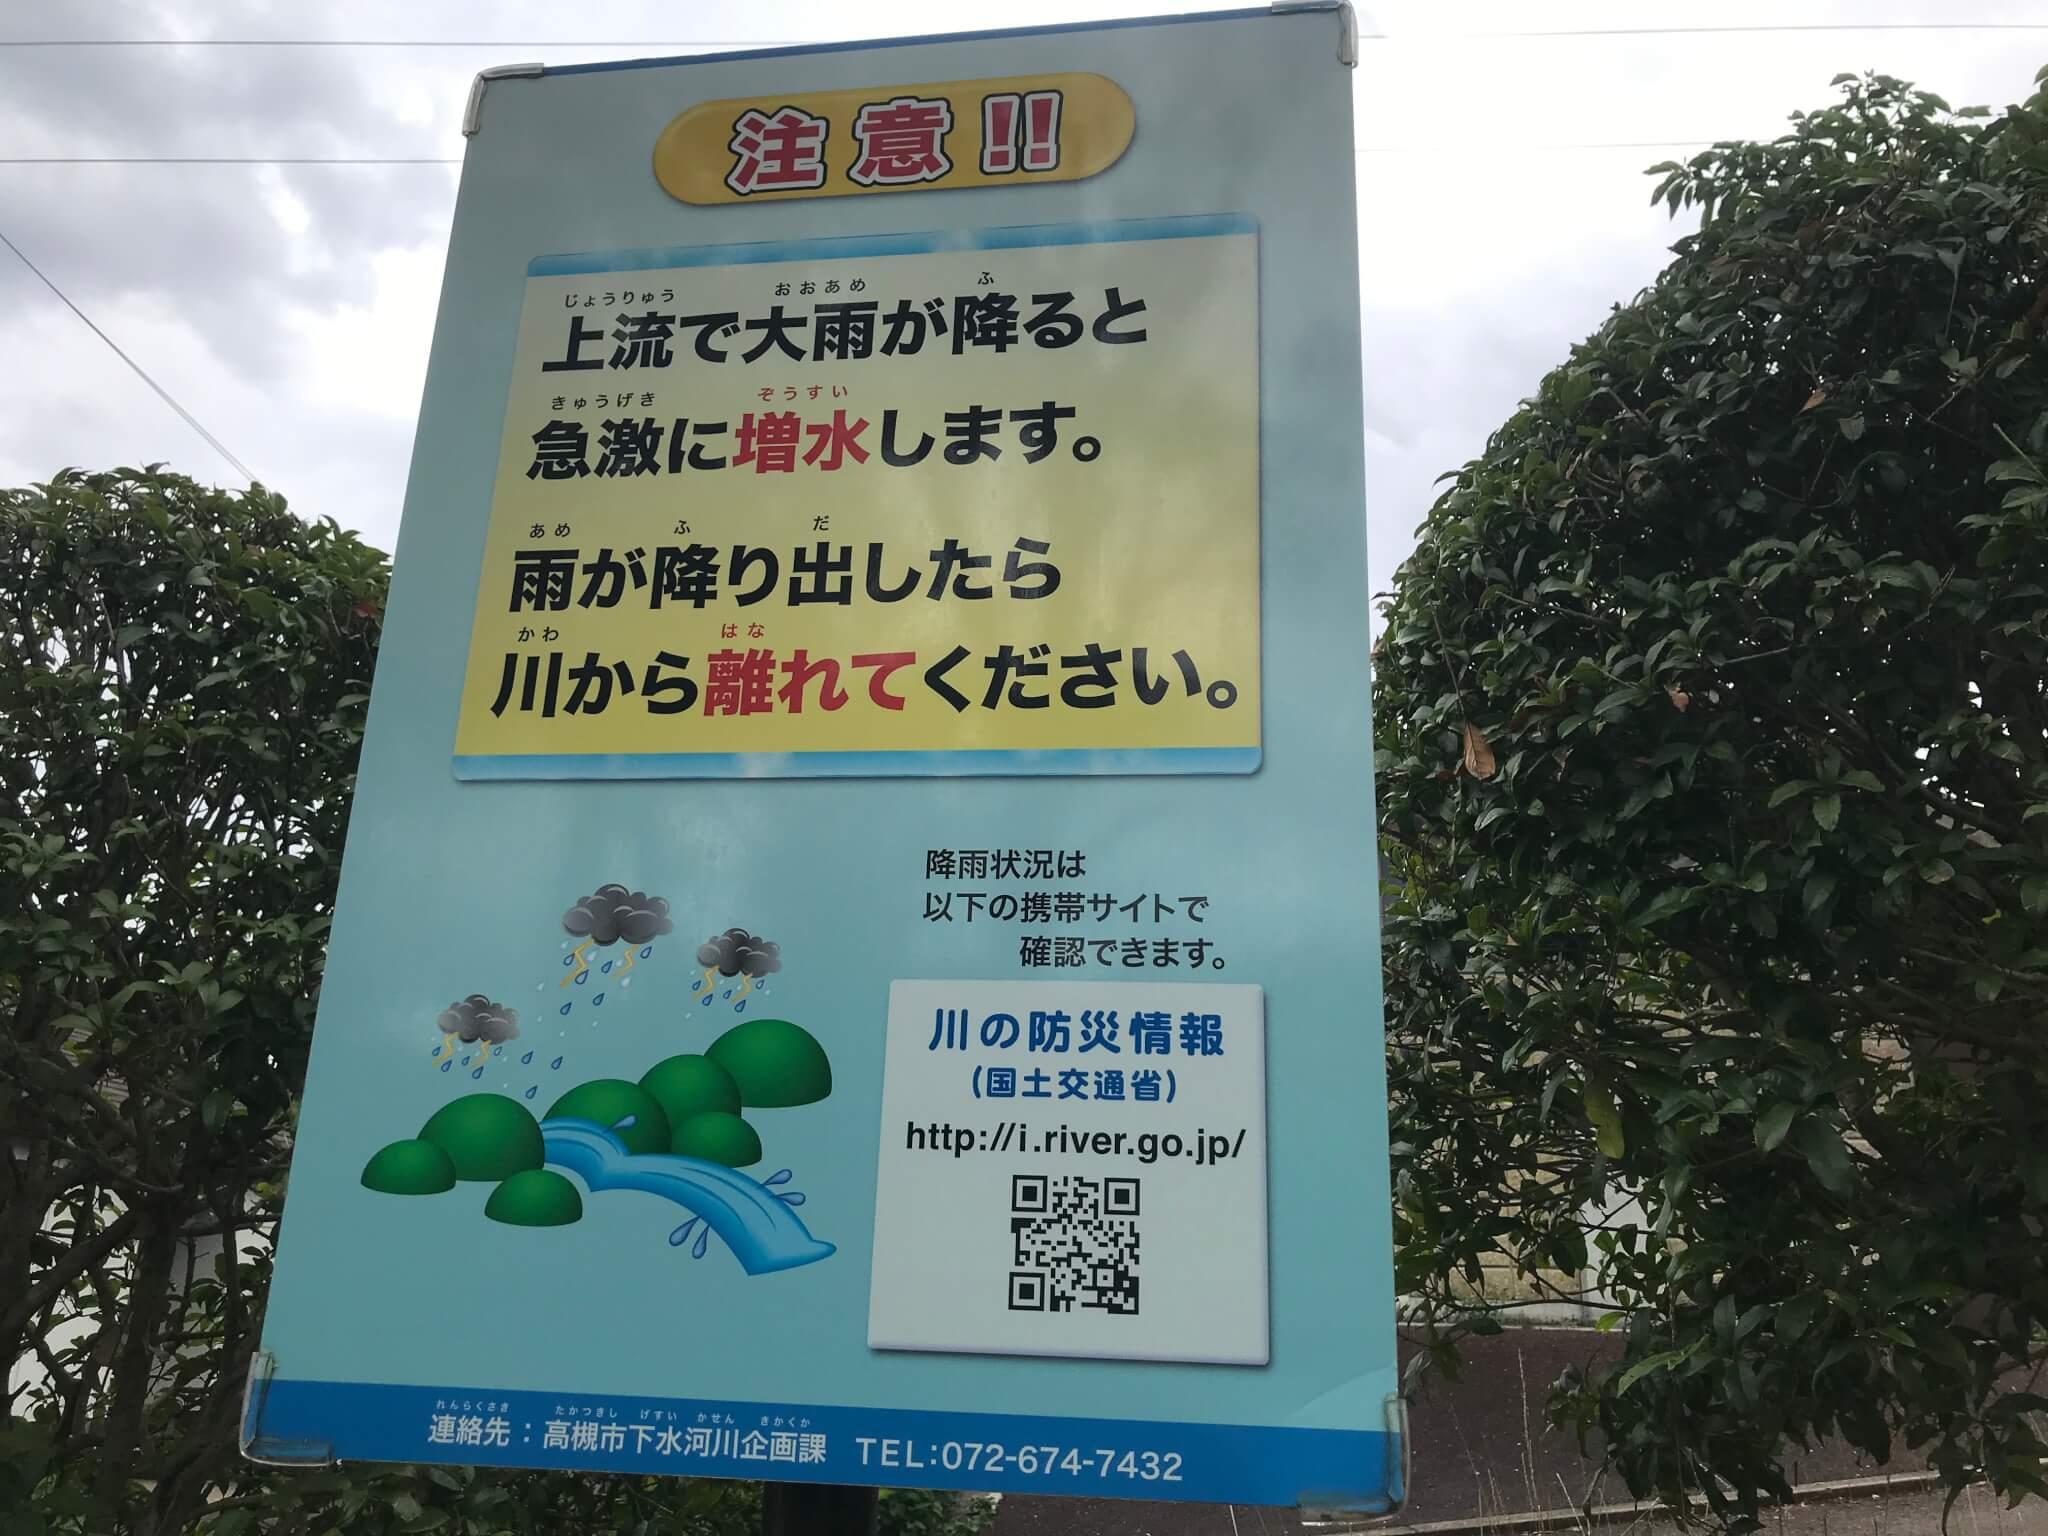 摂津峡公園 注意 上流で大雨が降ると急激に増水します。雨が降り出したら川から離れて下さい